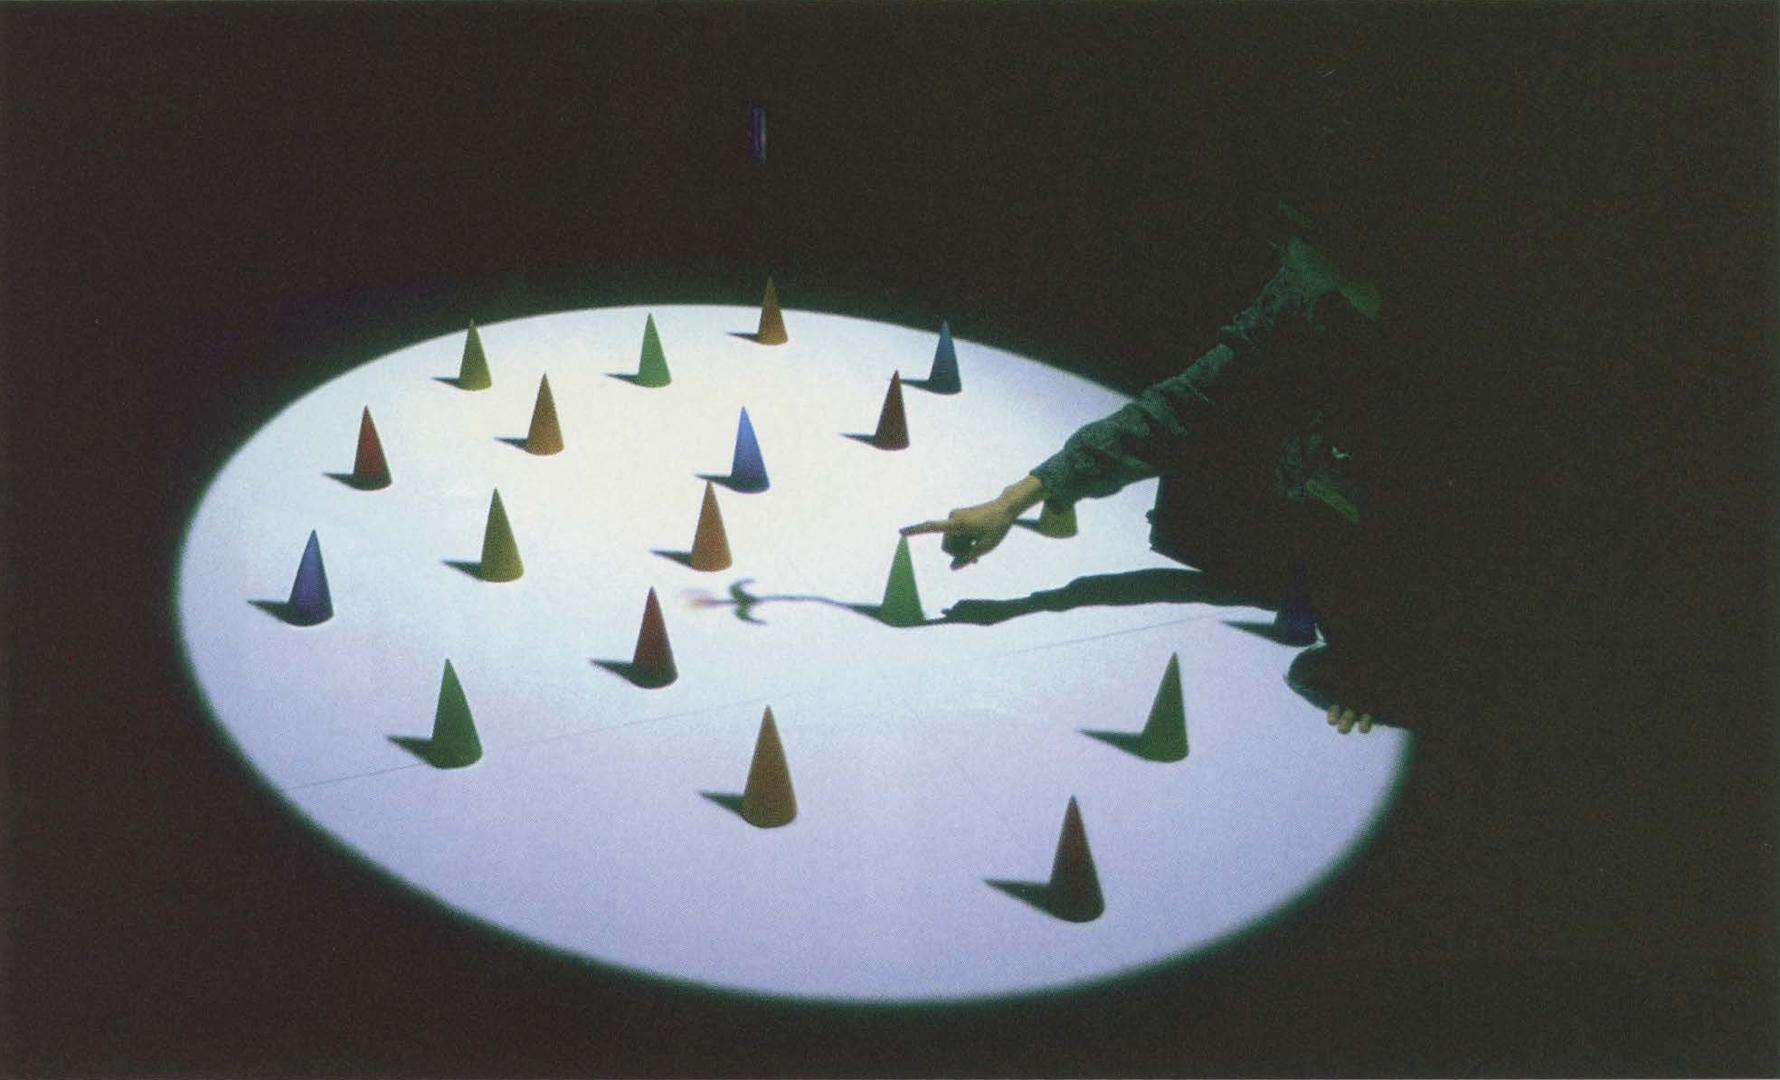 ©1997, Motoshi Chikamori and Kyoko Kunoh, KAGE